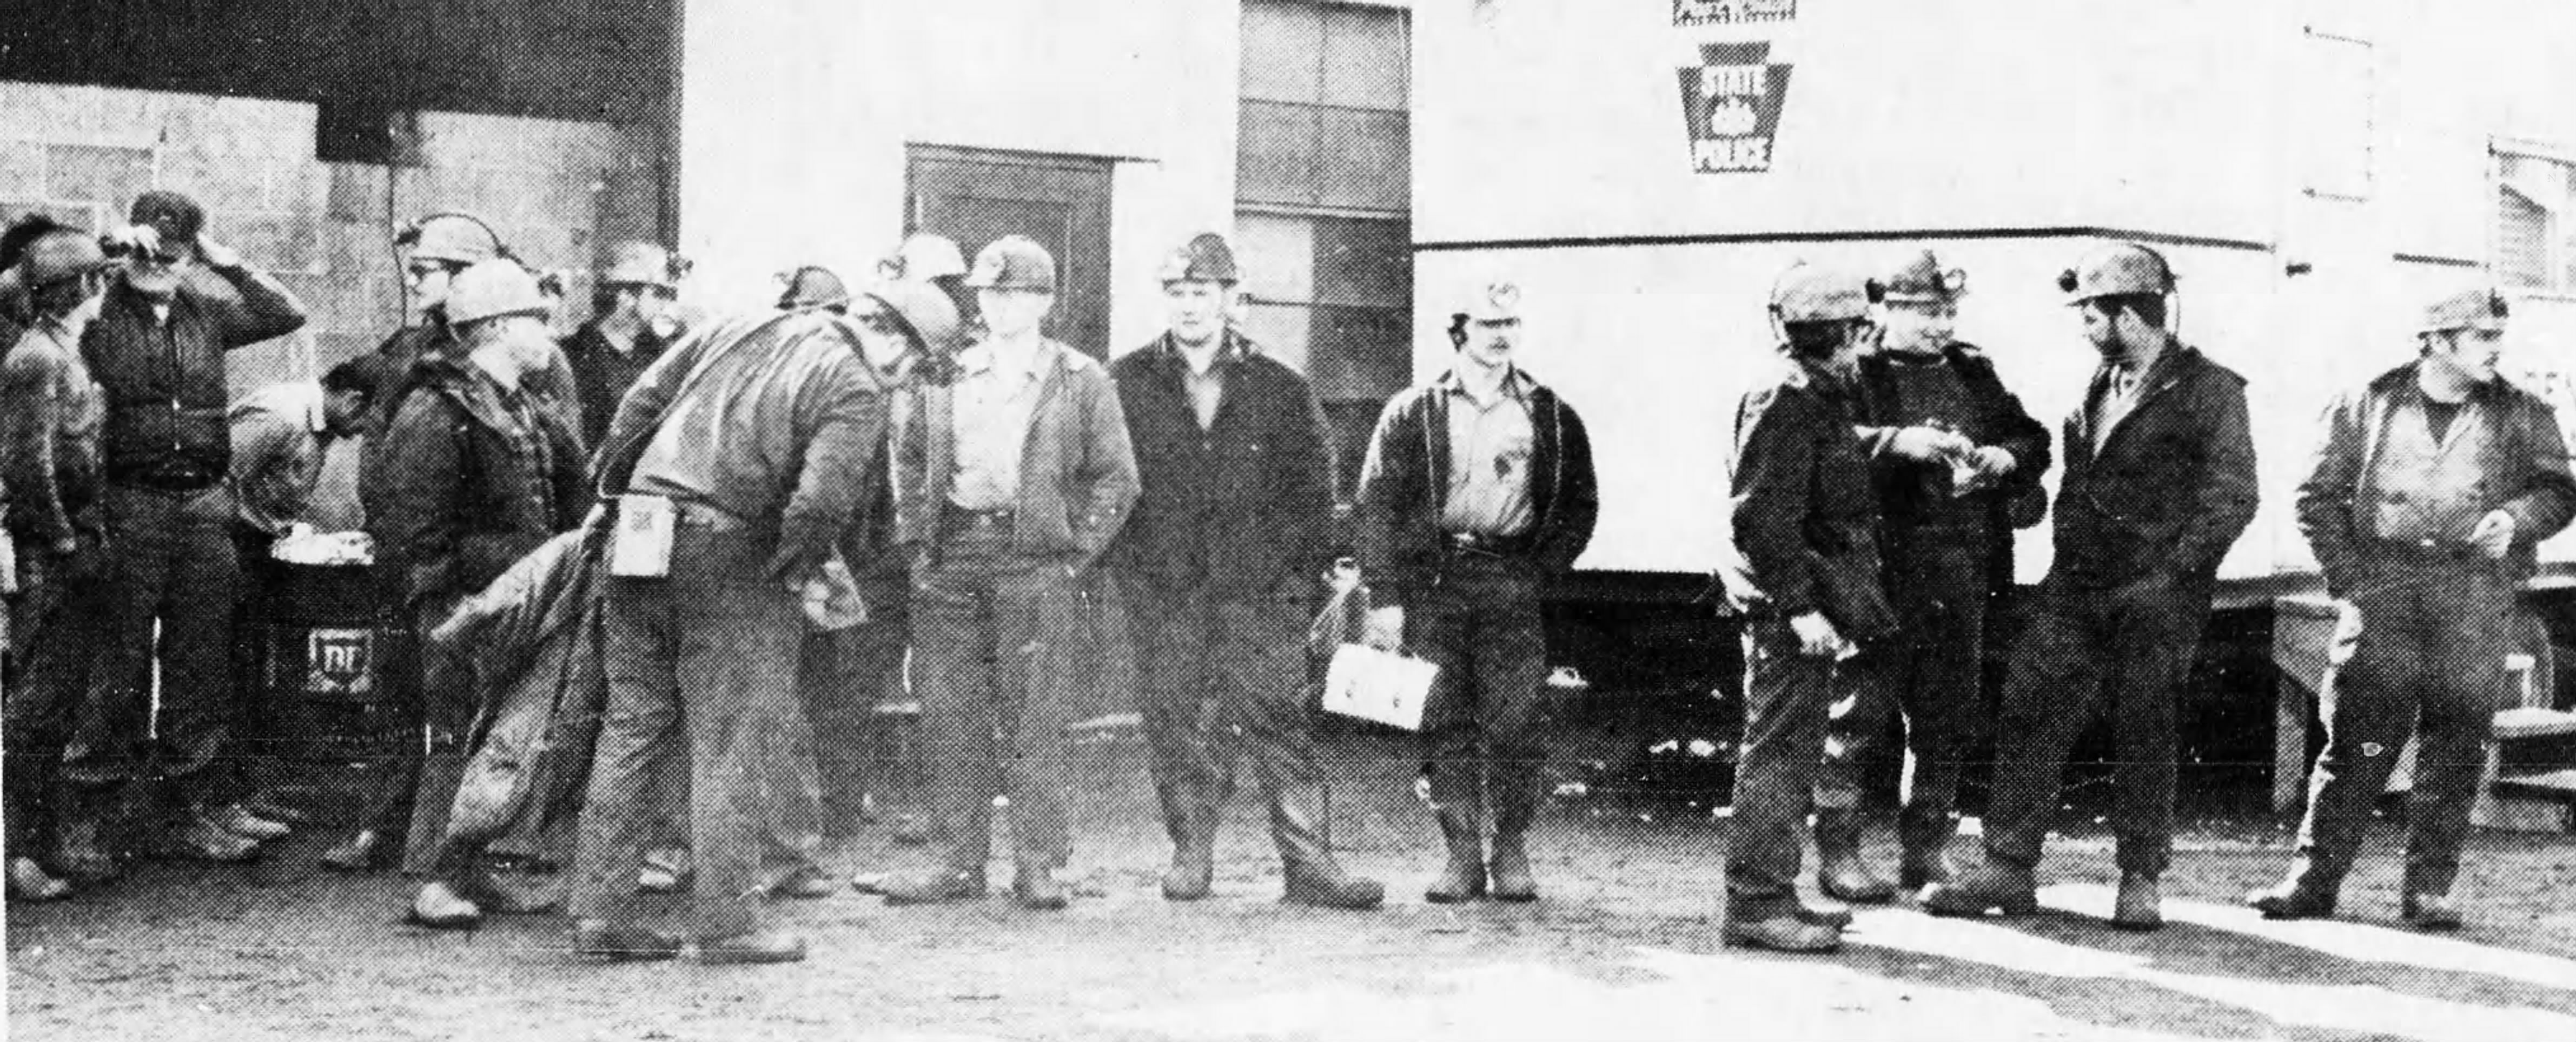 Mine Rescuers Porter Tunnel